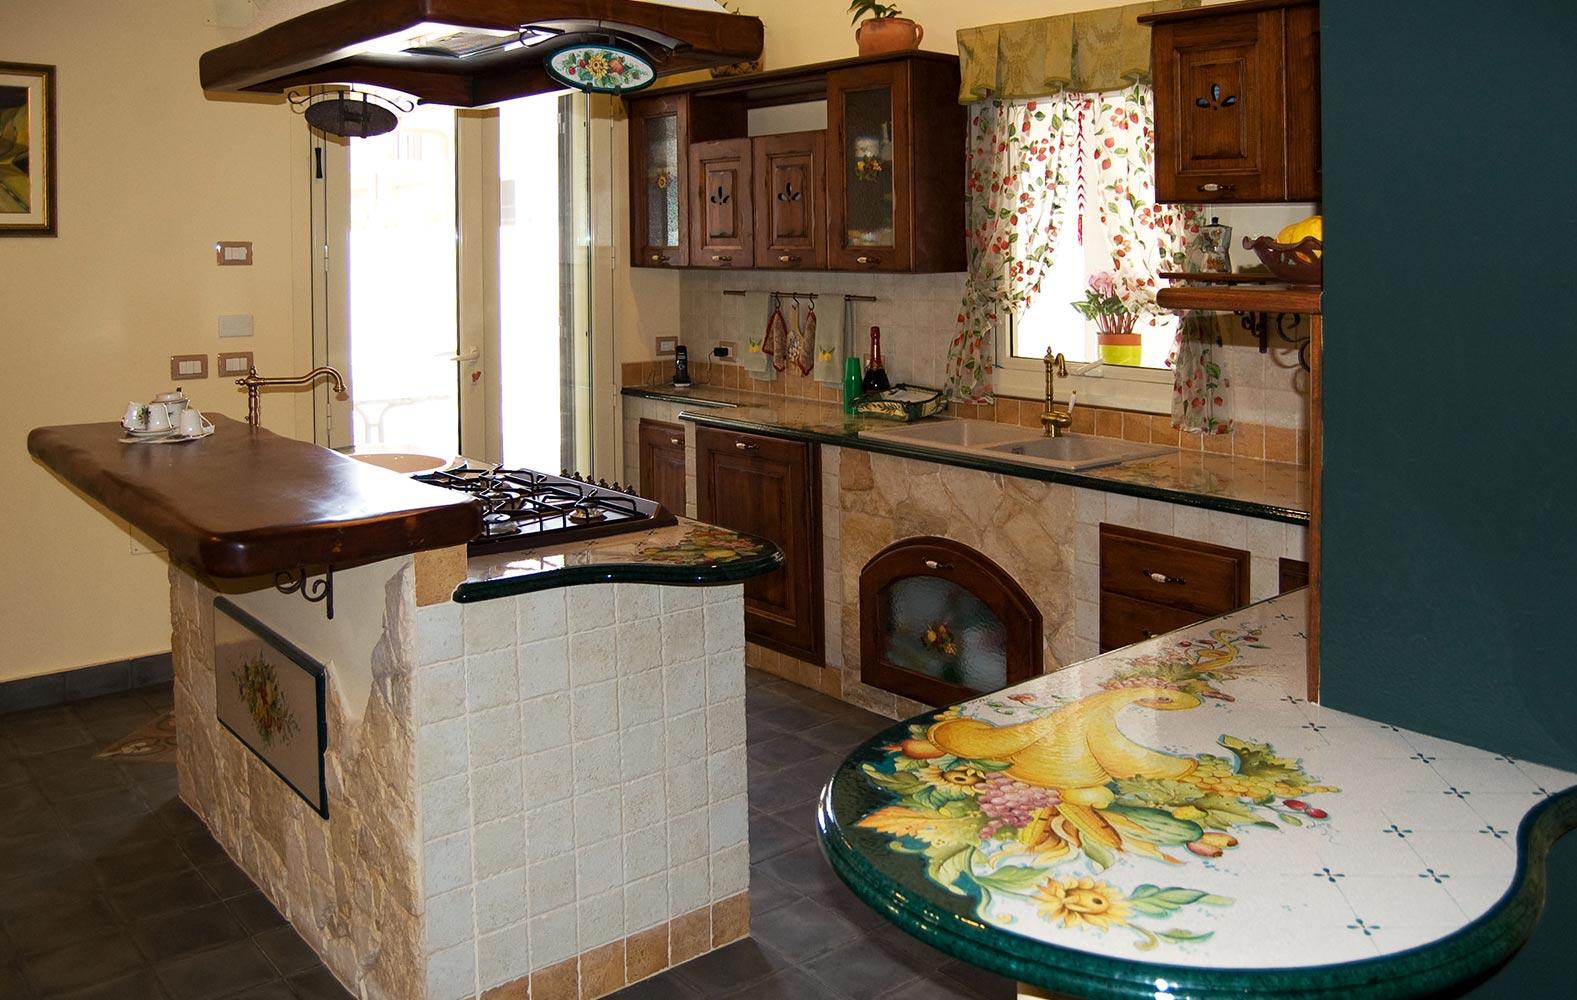 Cucine in finta muratura smontabile Modello Lombardia